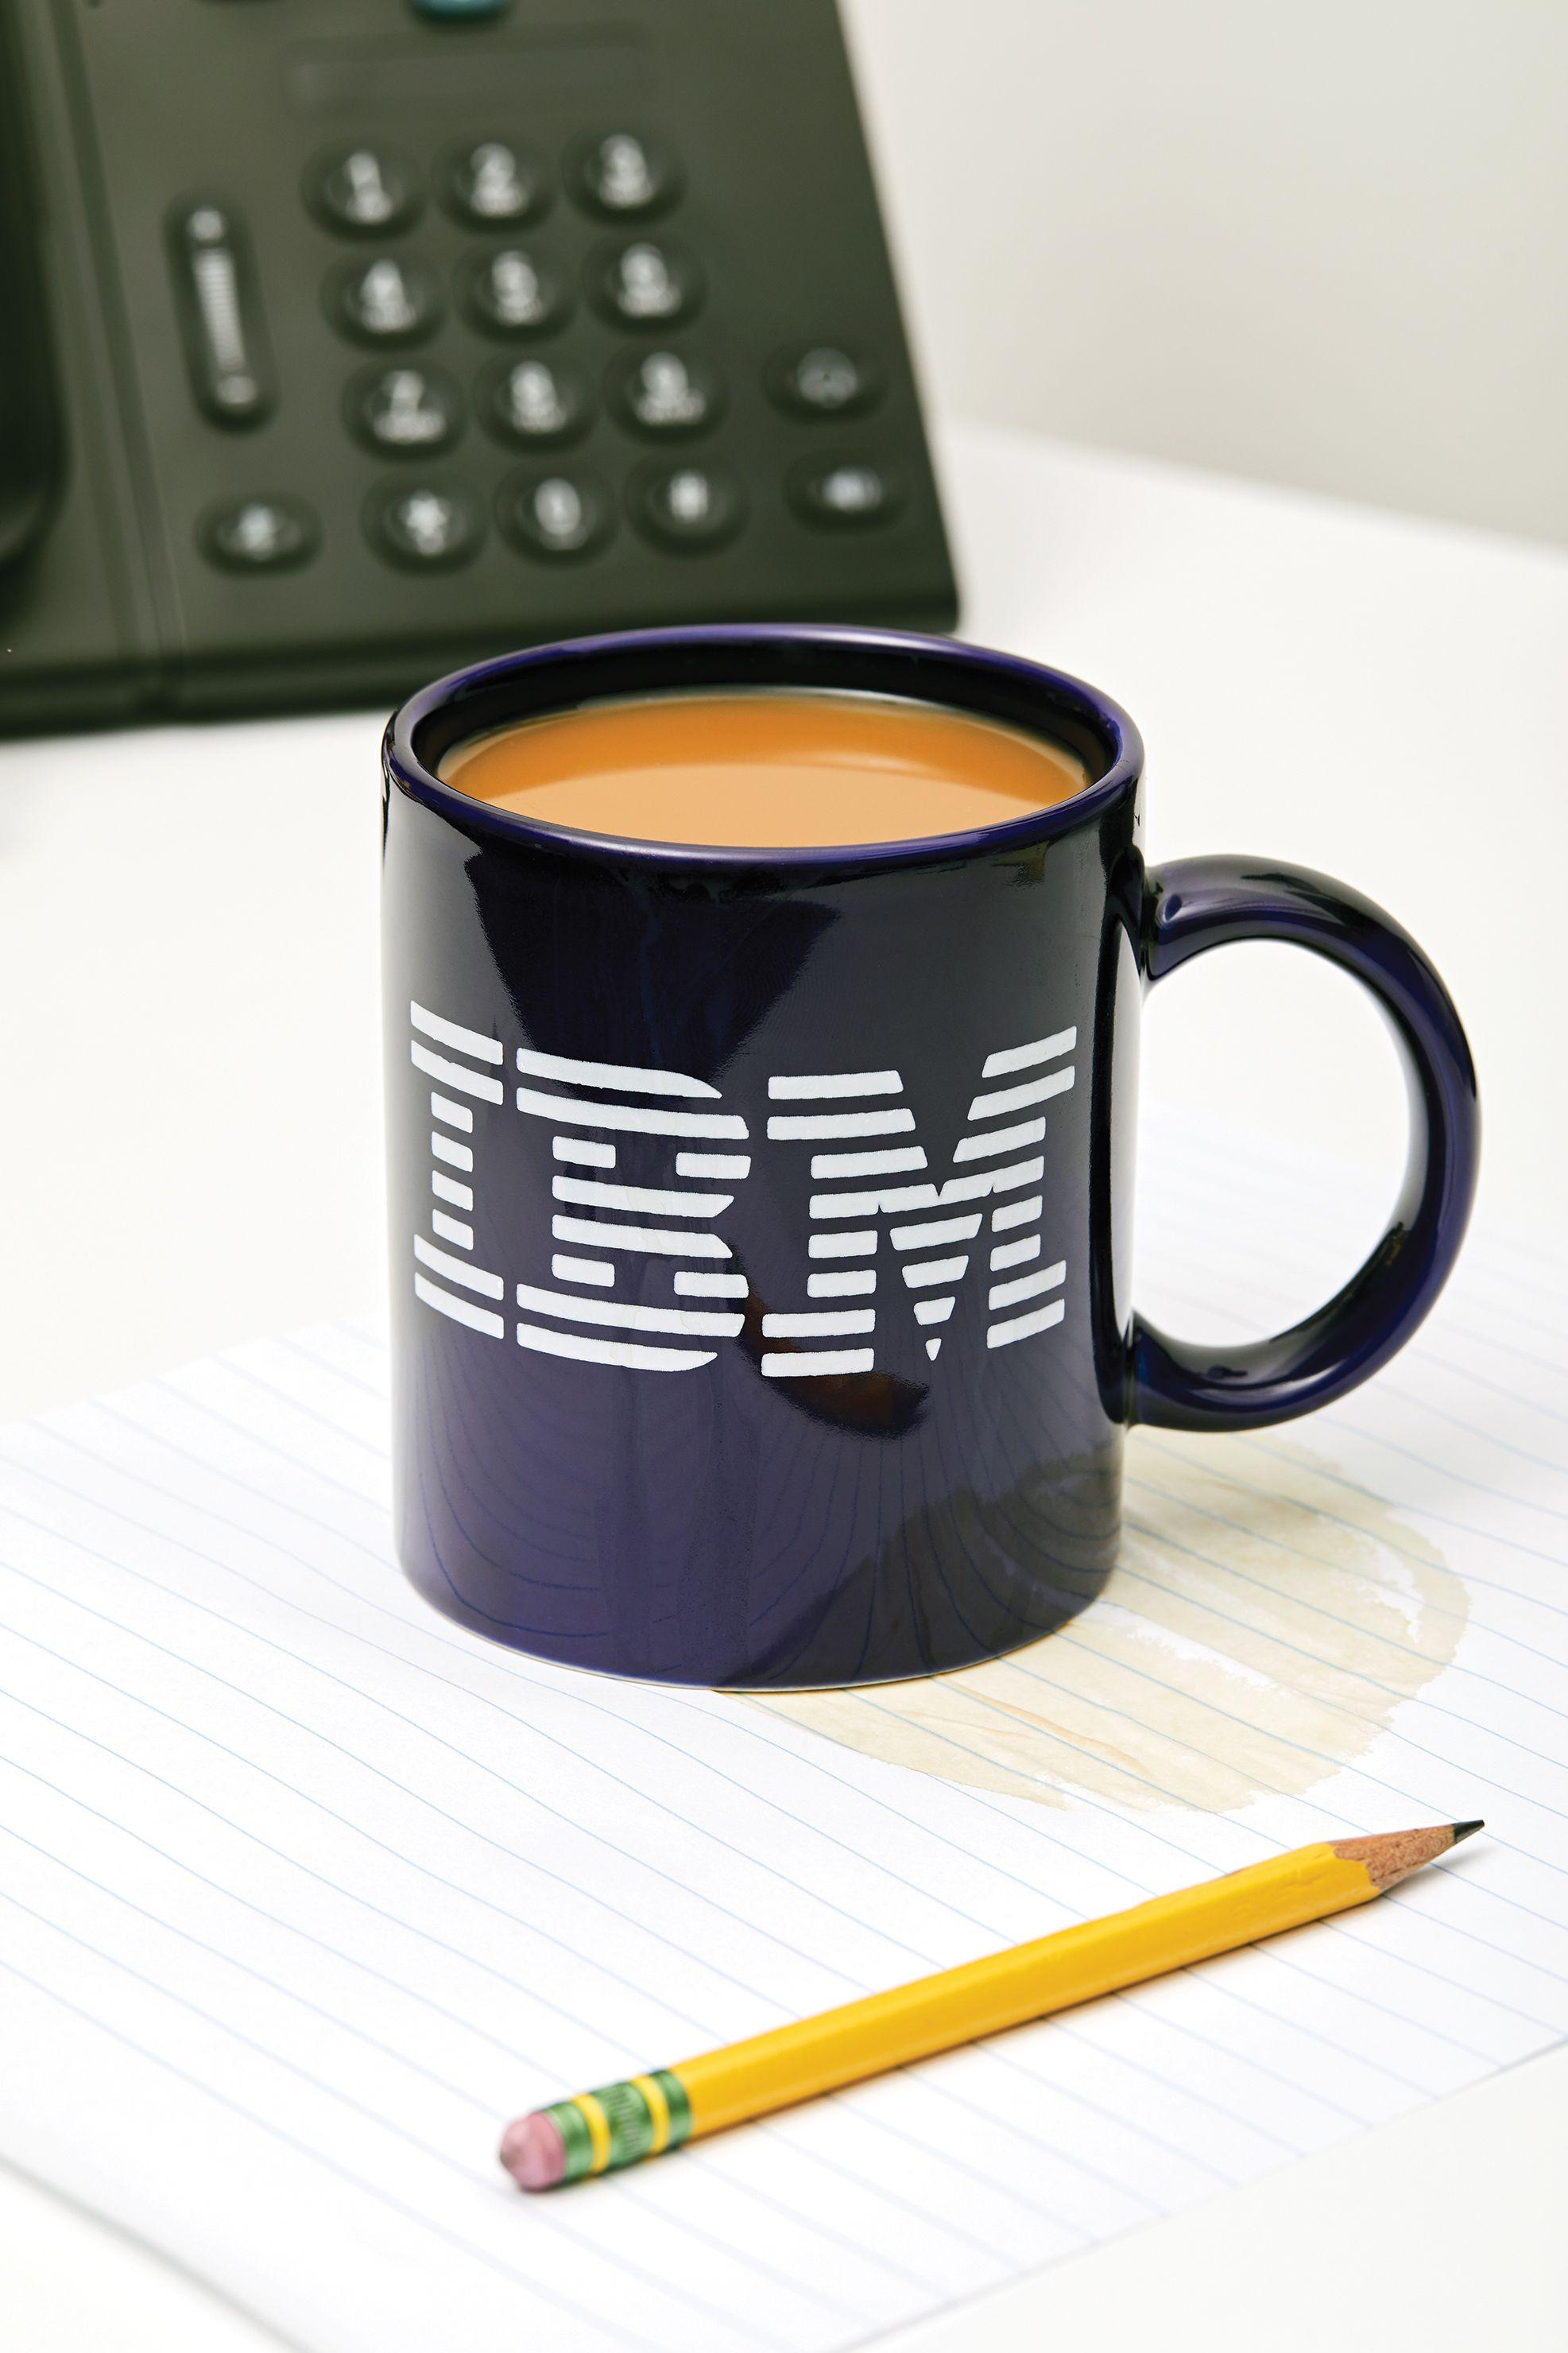 IBMのワトソンは 結局何がすごかったのか?